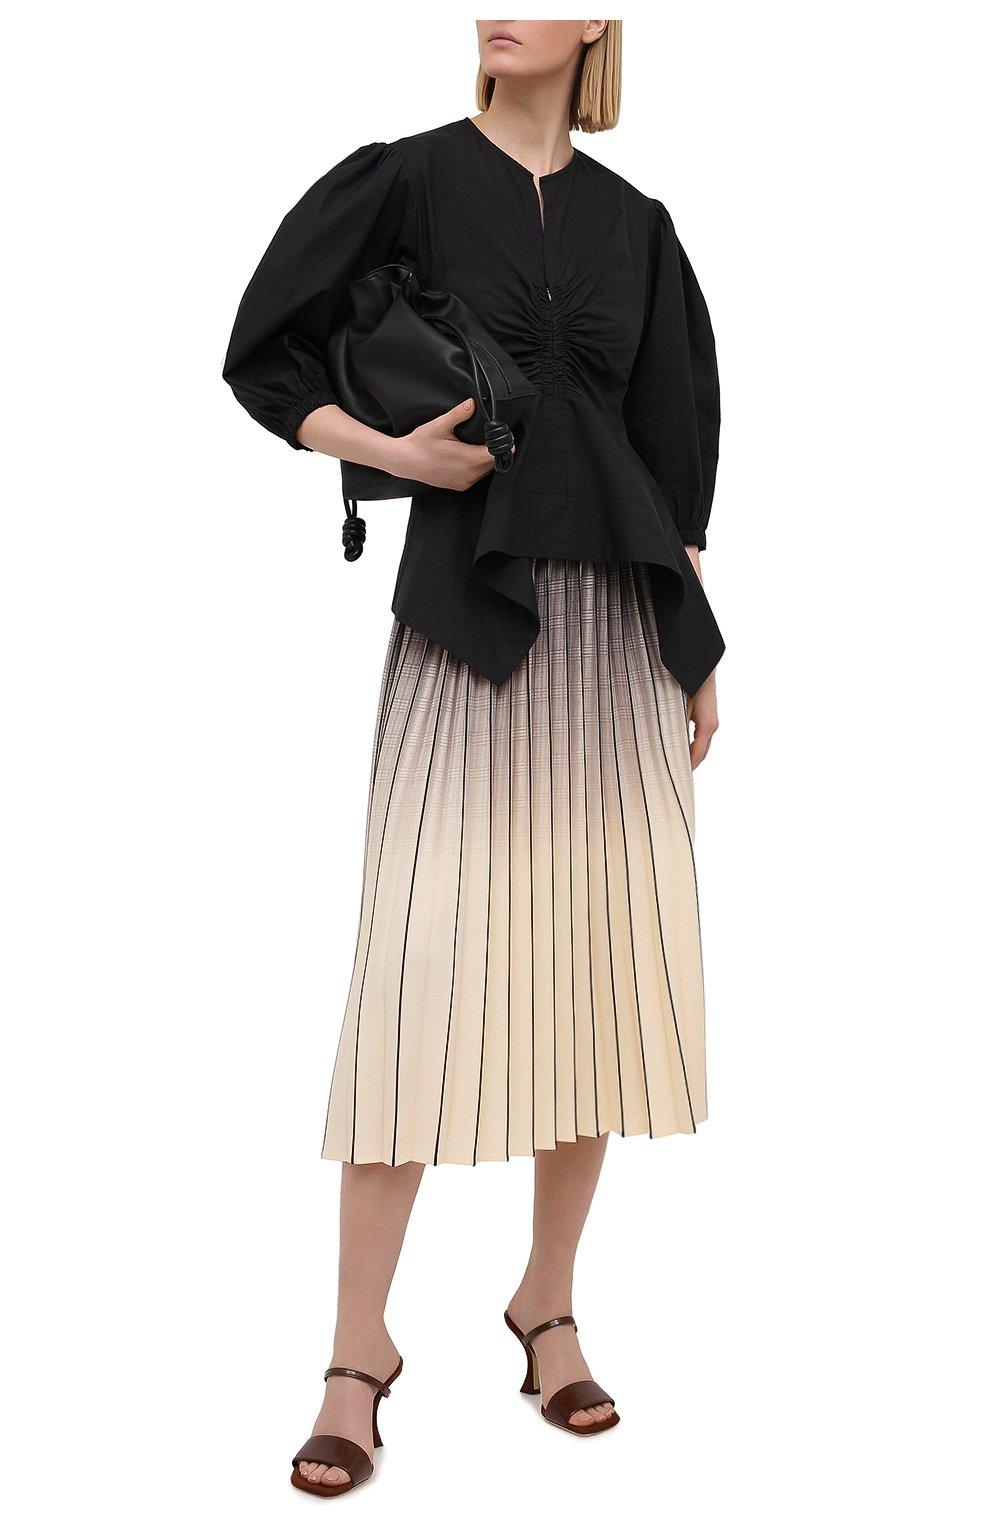 Женская юбка PROENZA SCHOULER WHITE LABEL кремвого цвета, арт. WL2115040-BY193   Фото 2 (Женское Кросс-КТ: юбка-плиссе; Материал внешний: Синтетический материал; Длина Ж (юбки, платья, шорты): Миди)